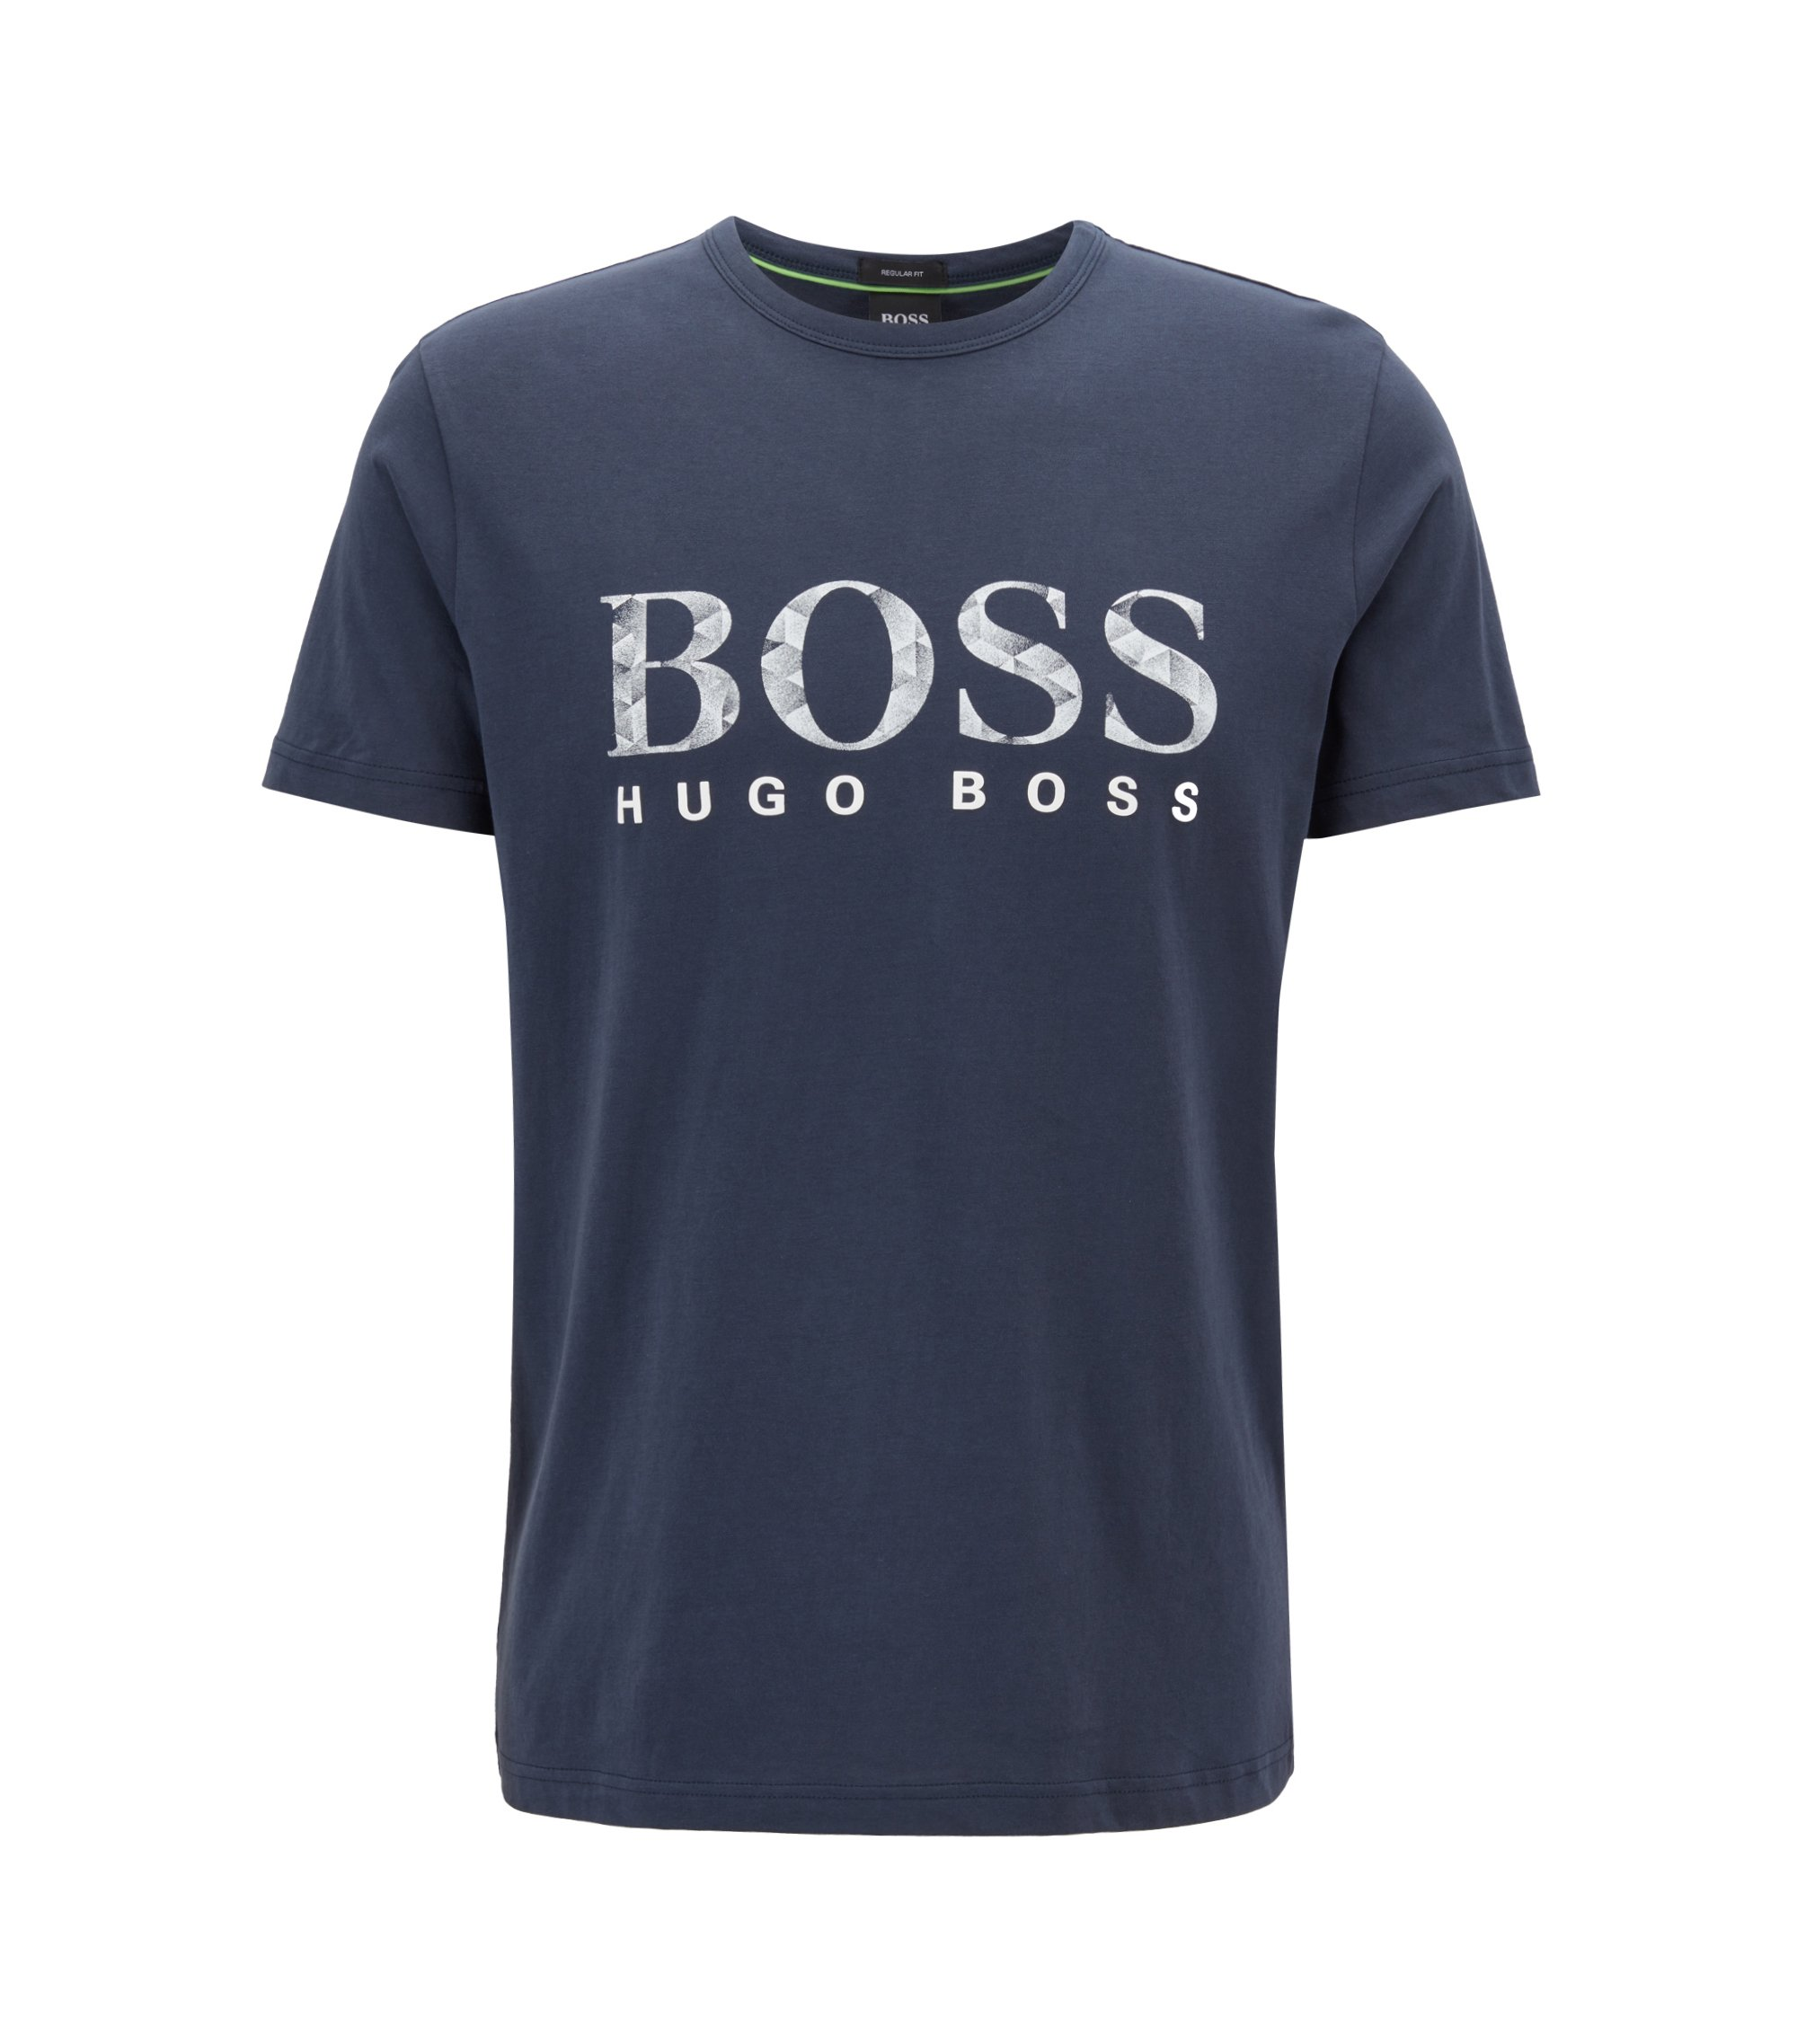 Camiseta de manga corta en algodón con logo gráfico estampado, Azul oscuro